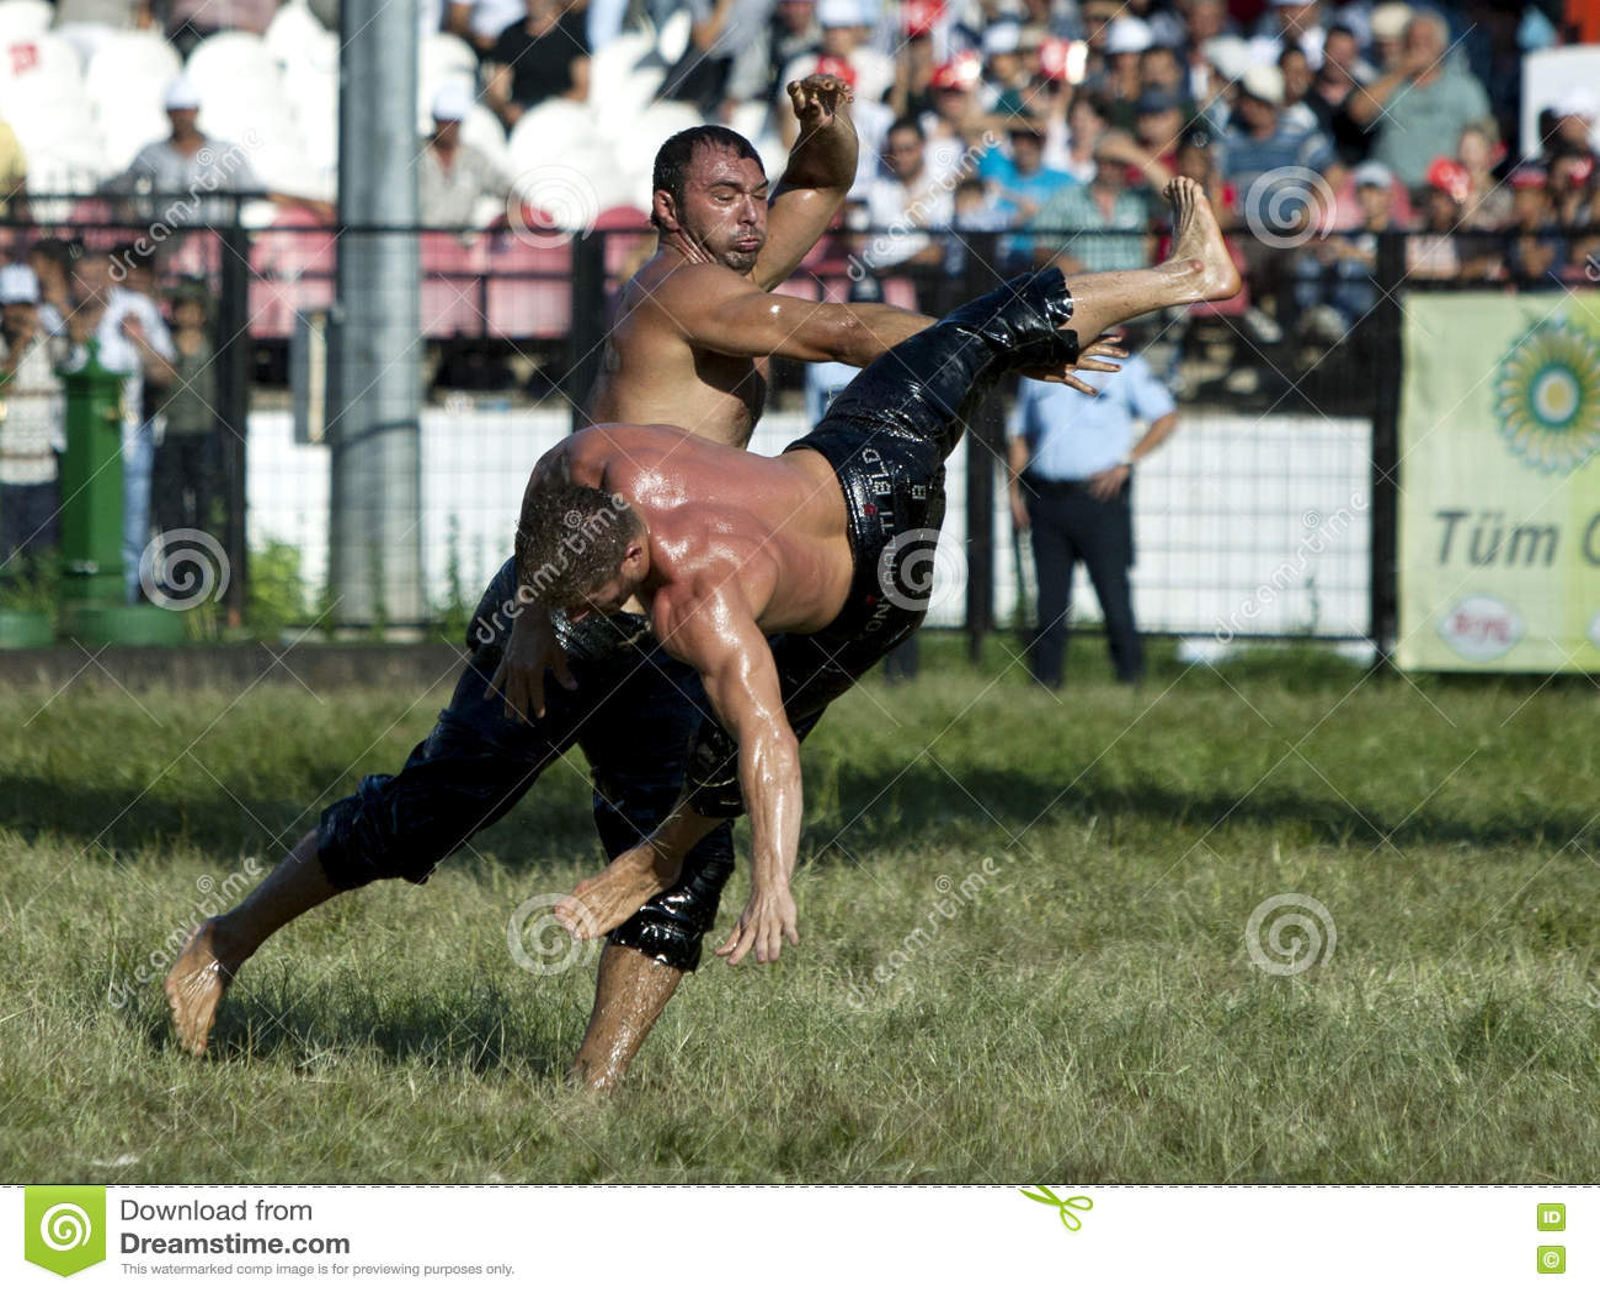 Ένας βαρέων βαρών παλαιστής πετιέται στον αέρα από τον αντίπαλό του στο τουρκικό φεστιβάλ πάλης πετρελαίου Kirkpinar στη Αδριανού